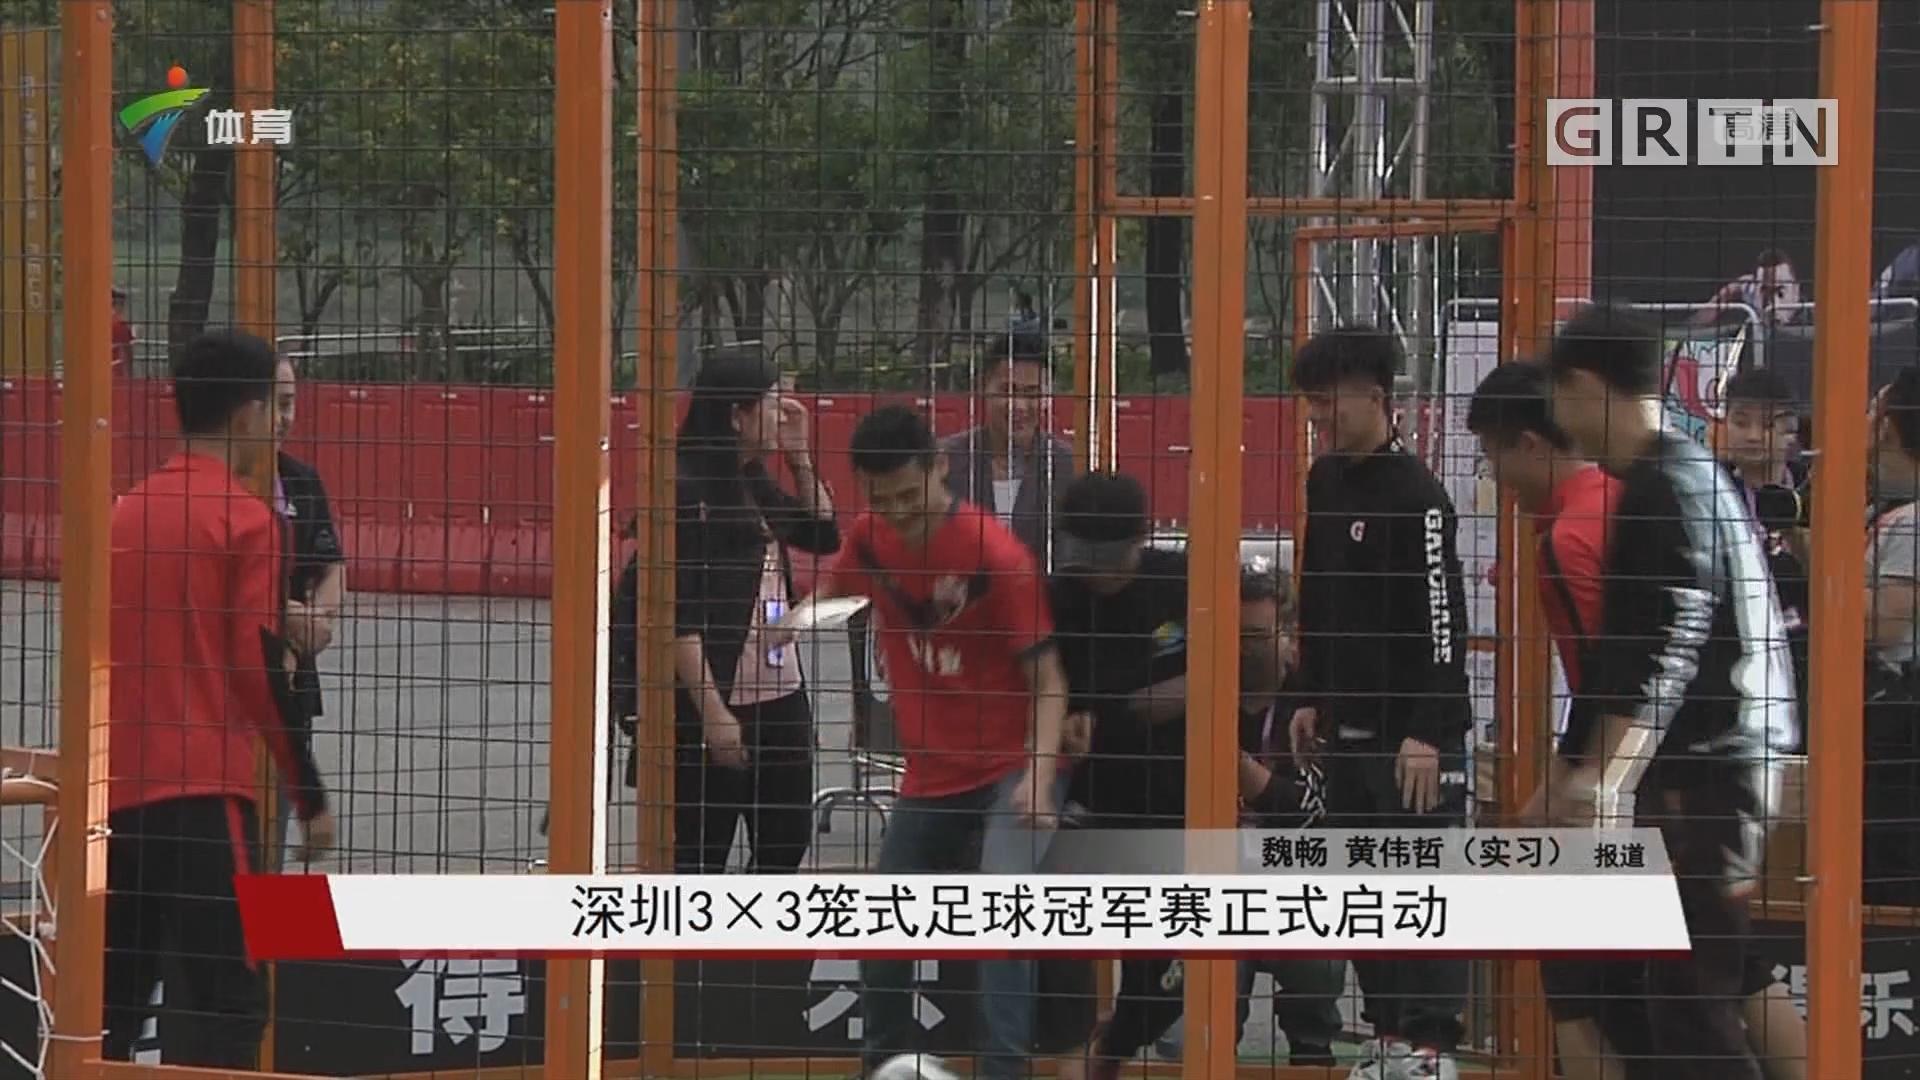 深圳3×3笼式足球冠军赛正式启动